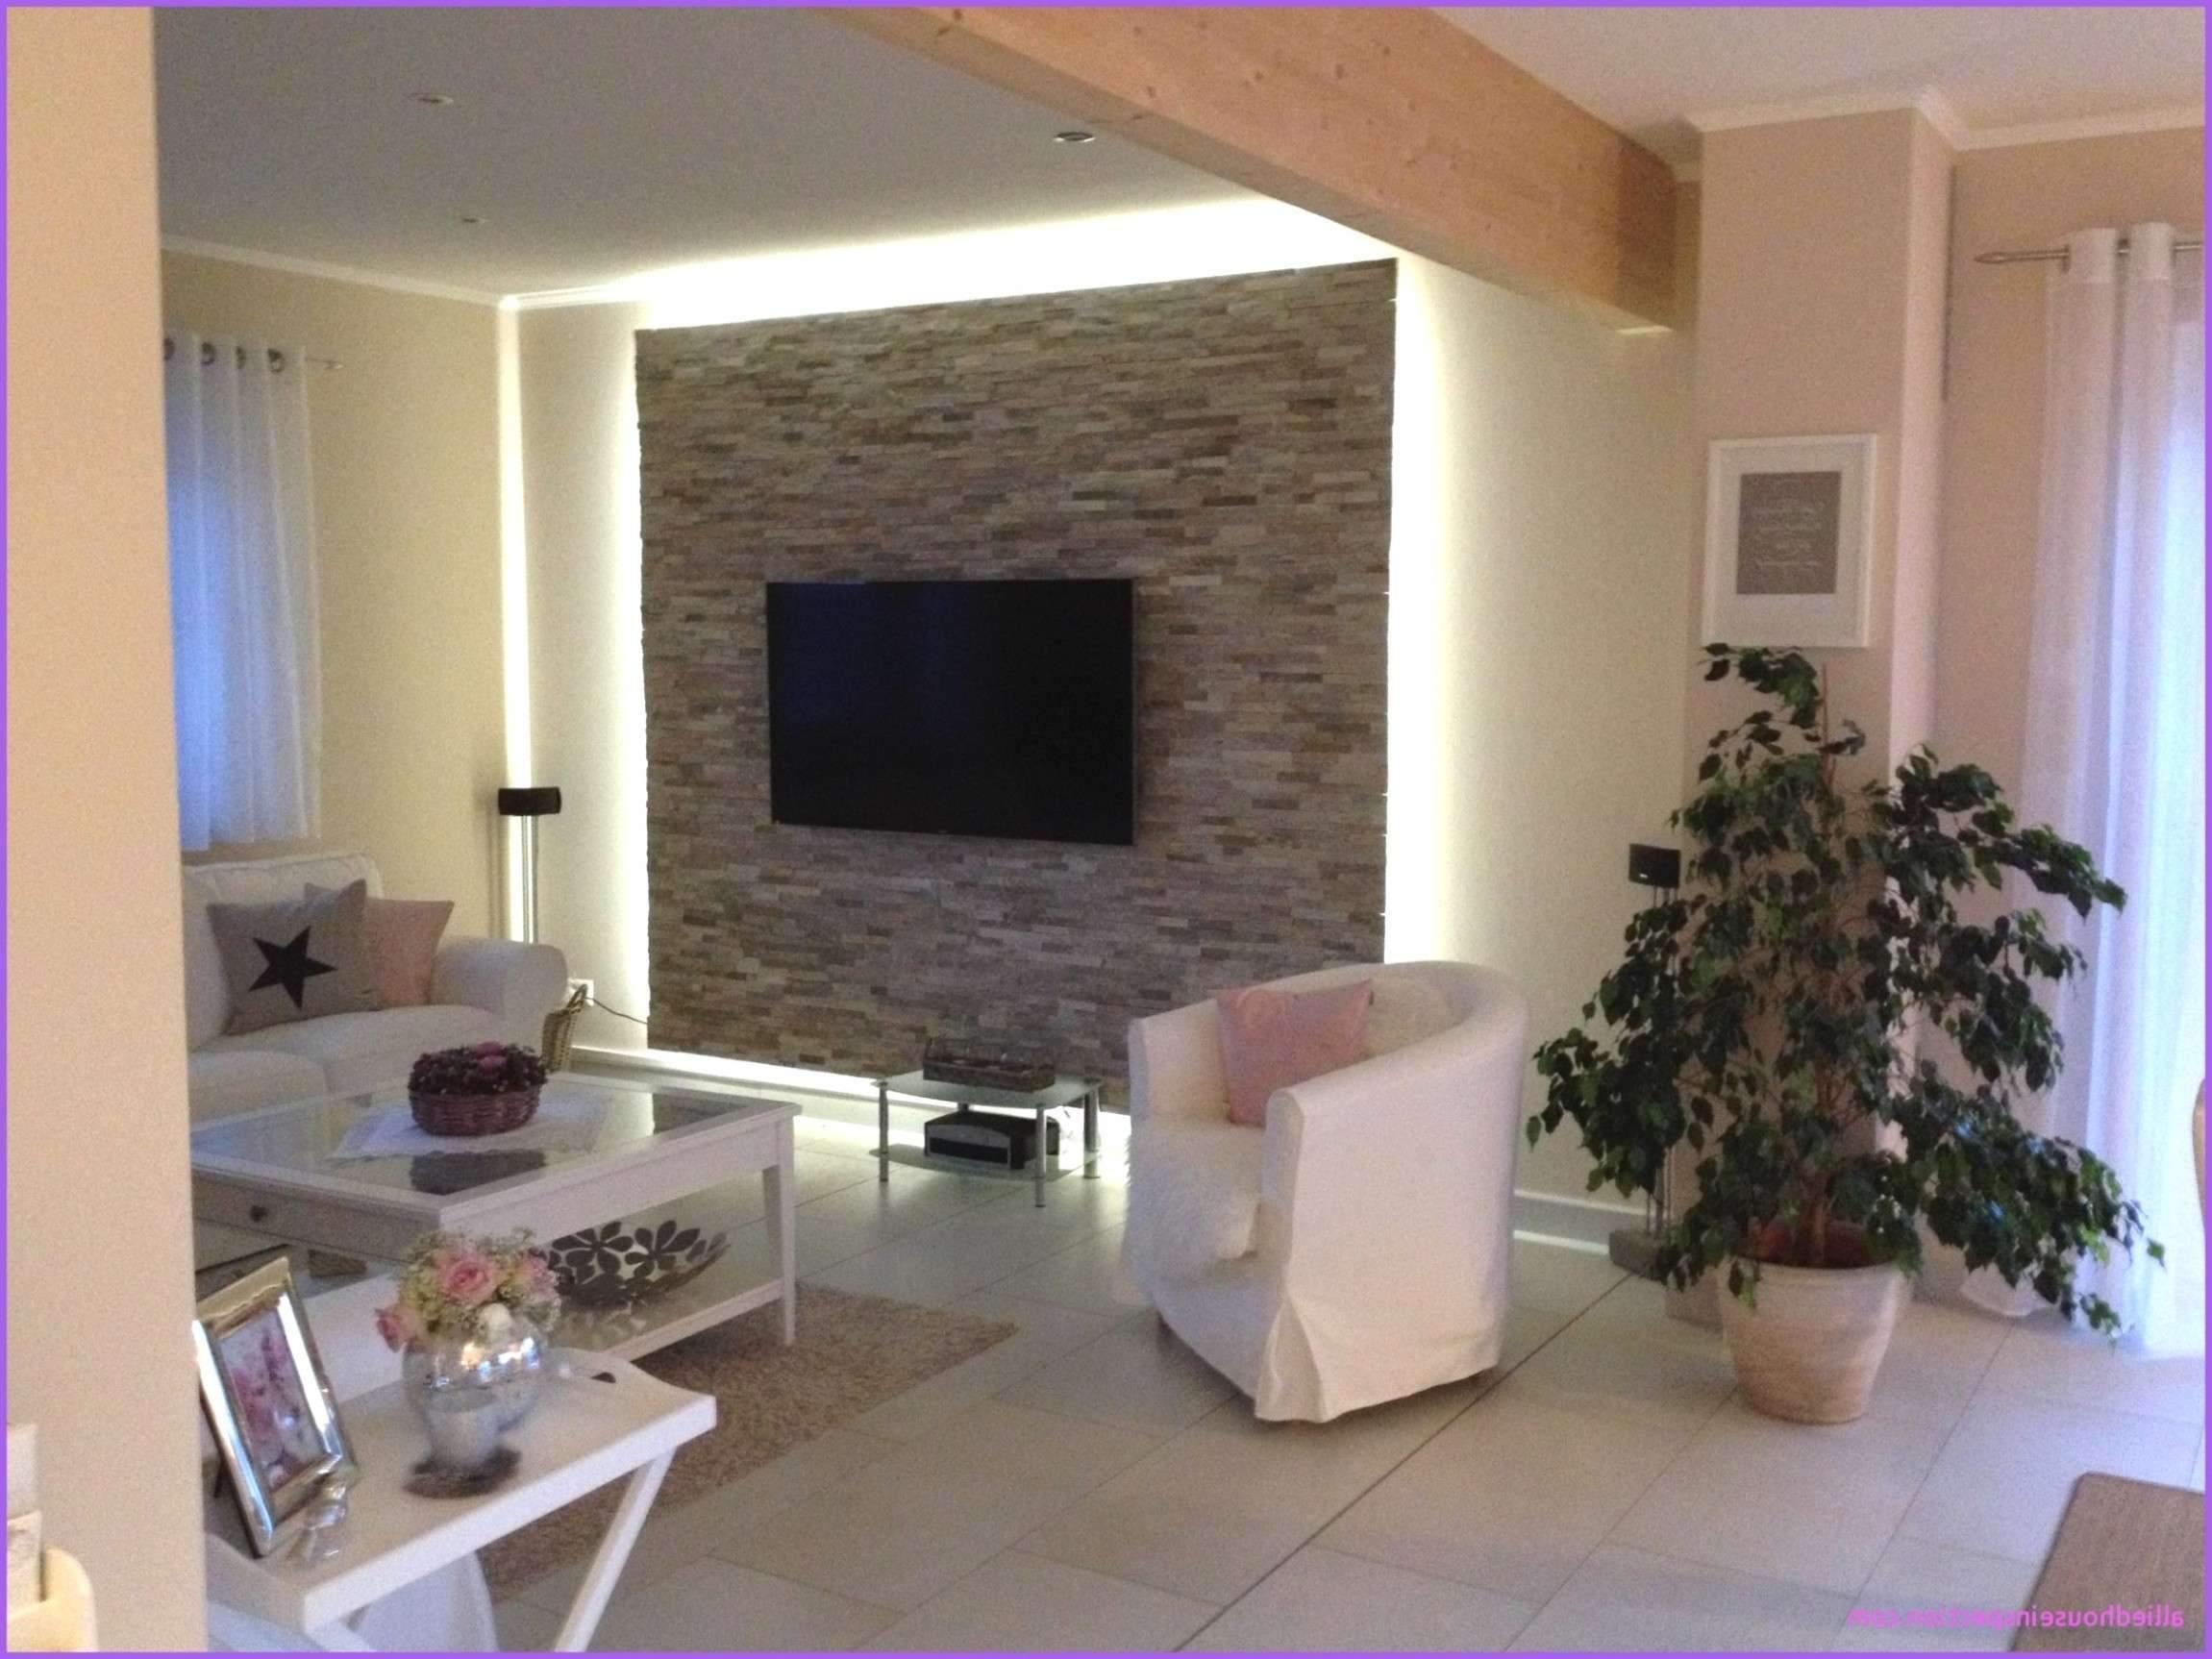 Full Size of Paletten Sofa Wohnzimmer Frisch 40 Einzigartig Tapete Wohnzimmer Ideen Schön Wohnzimmer Fototapete Wohnzimmer